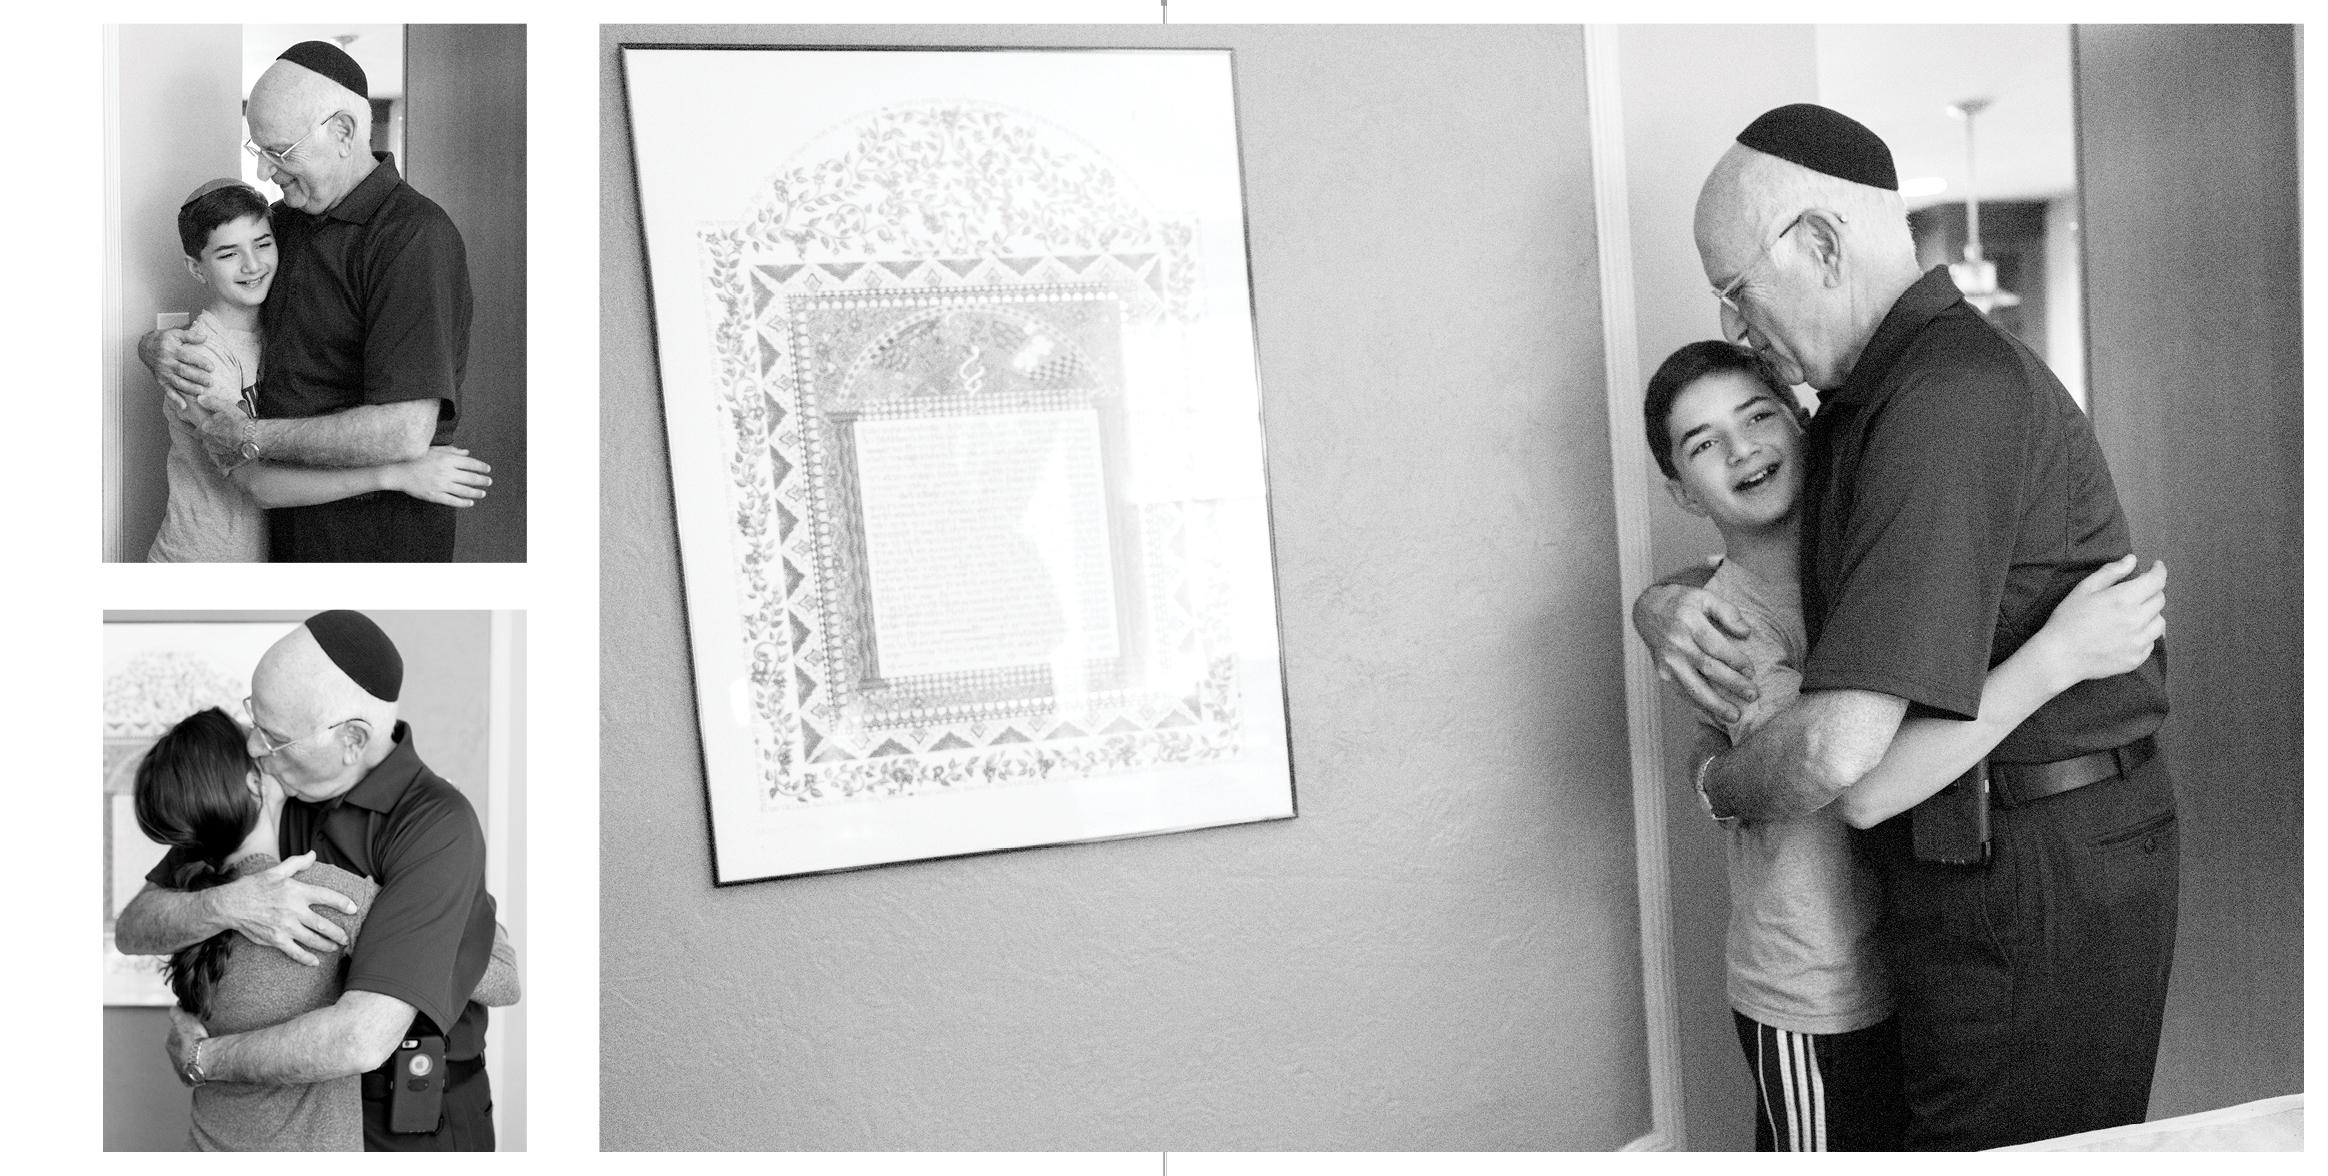 12x12-tamir-barmitzvah-proof-31-v251.jpg